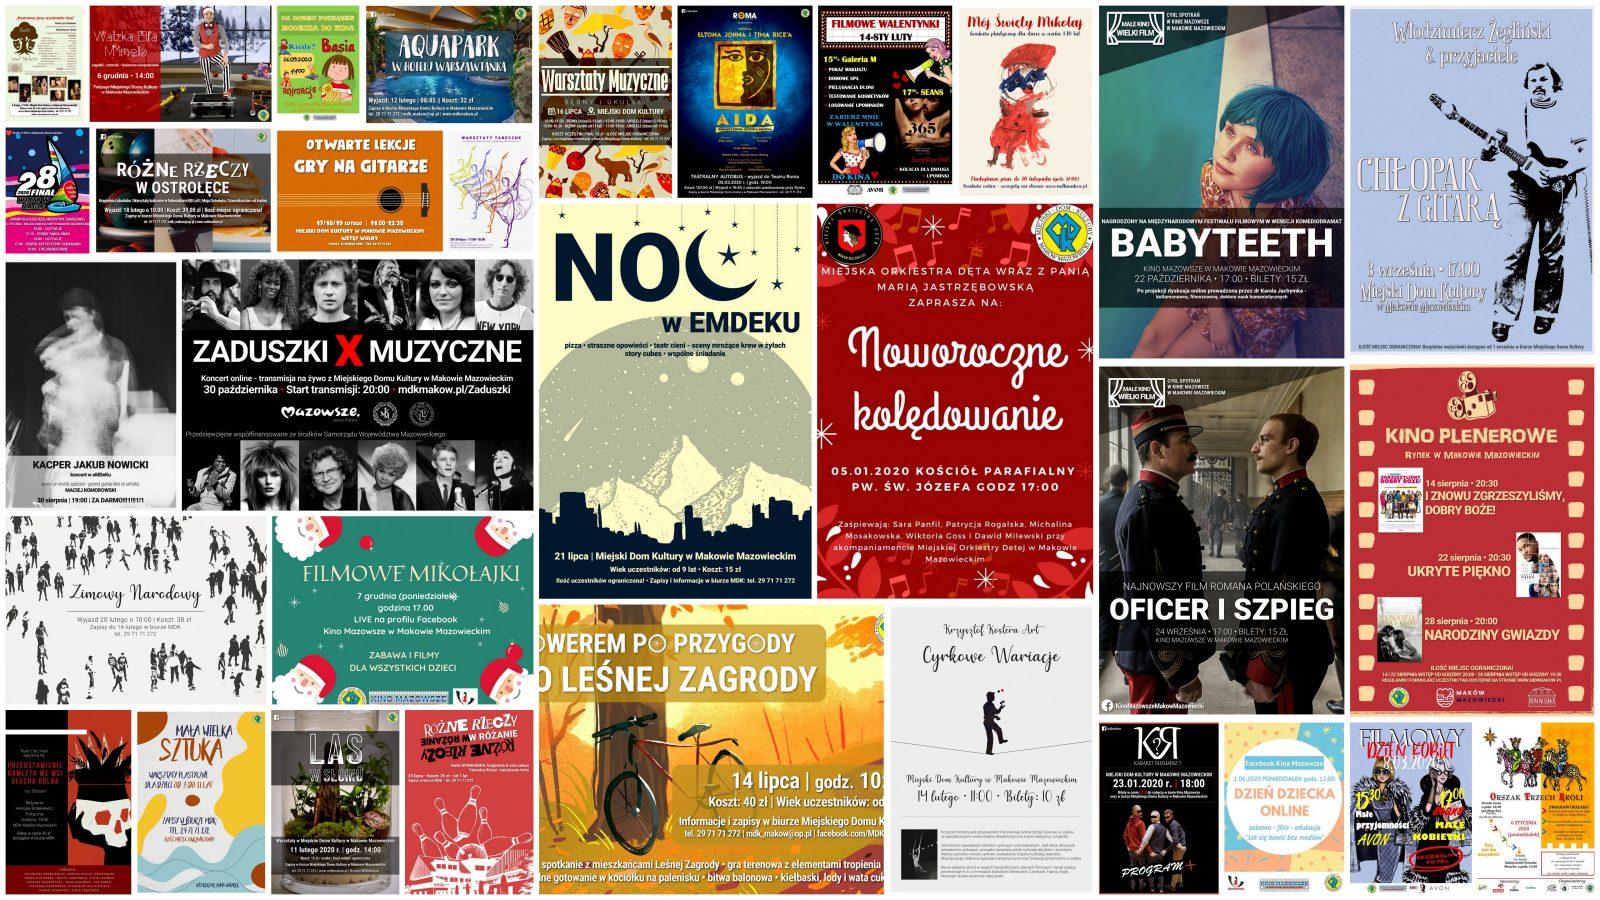 Grafika. Z plakatów wydarzen odbywających się w MDK utworzony kolaż.